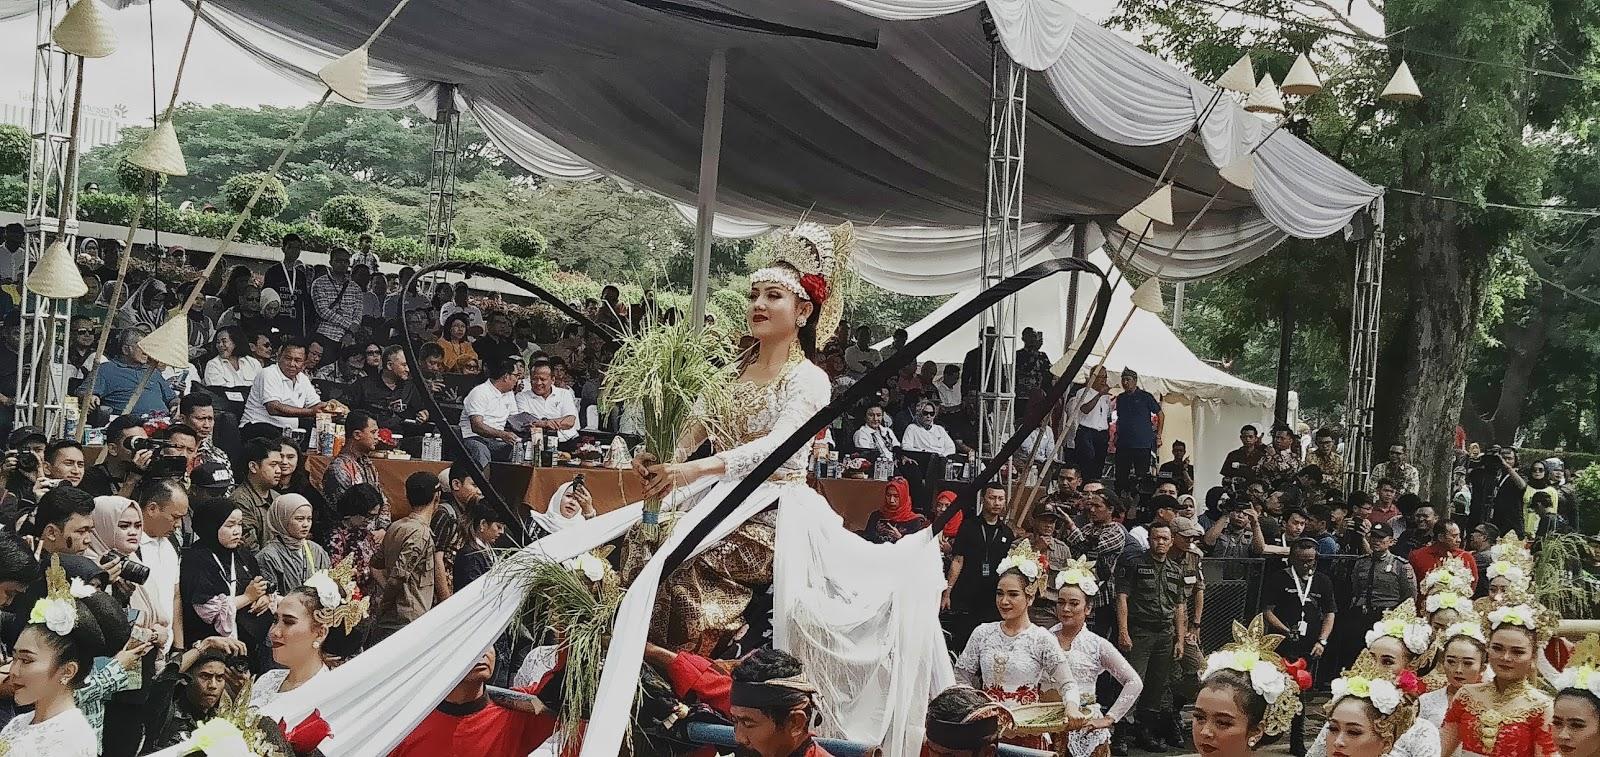 Kecantikan Nyai Pohaci sejukan Kota Kembang, Pembukaan West Java Fest 2019